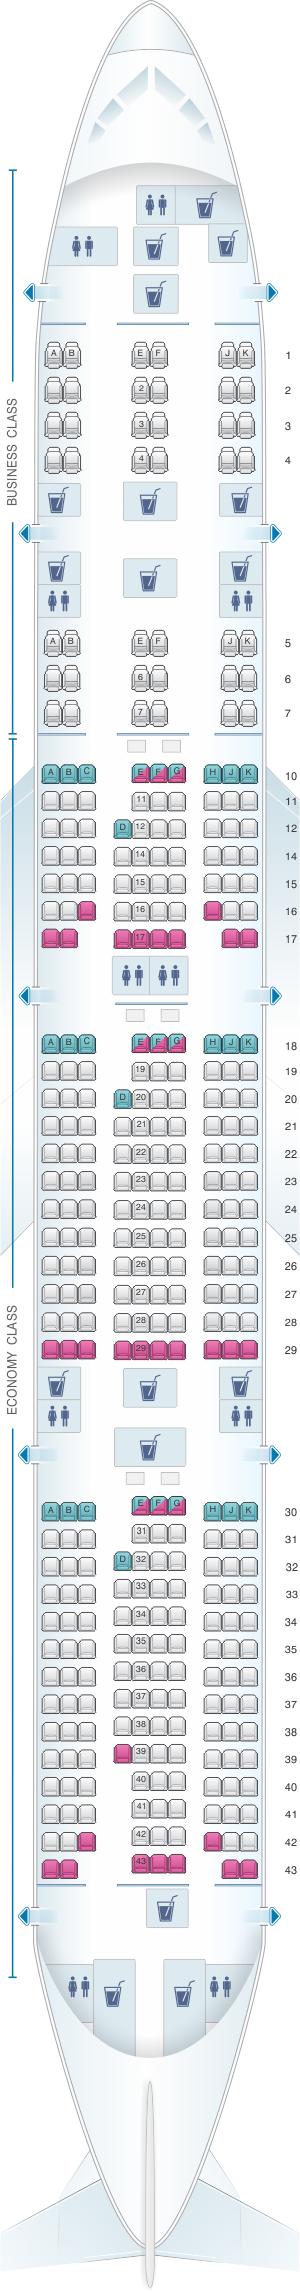 Seat map for Qatar Airways Boeing B777 300ER 358pax